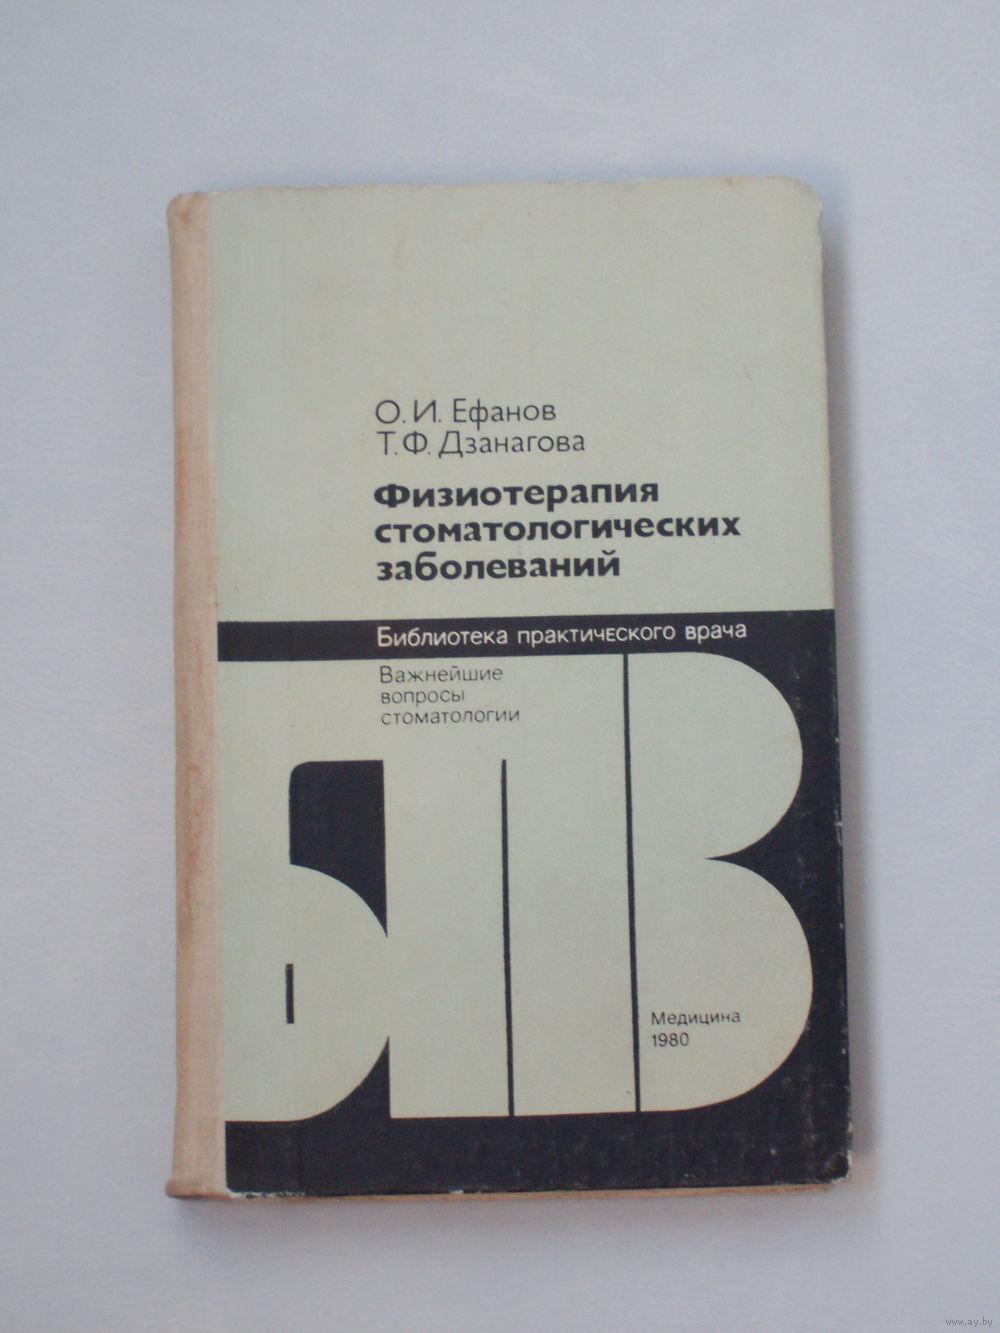 ЕФАНОВ ФИЗИОТЕРАПИЯ СТОМАТОЛОГИЧЕСКИХ ЗАБОЛЕВАНИЙ СКАЧАТЬ БЕСПЛАТНО